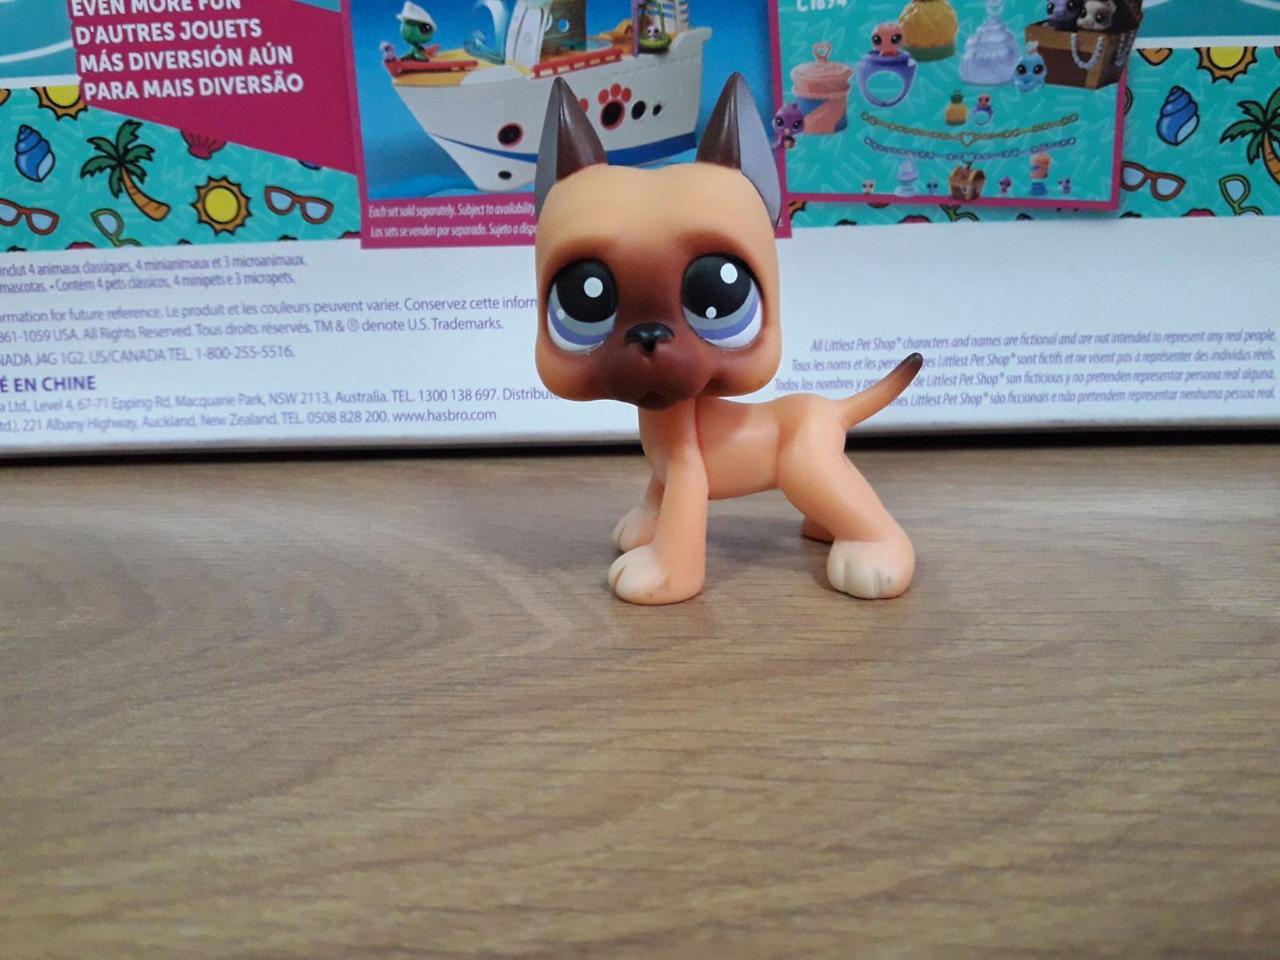 Lps littlest pet shop стоячки - лпс датский дог Hasbro №244 -старая коллекция